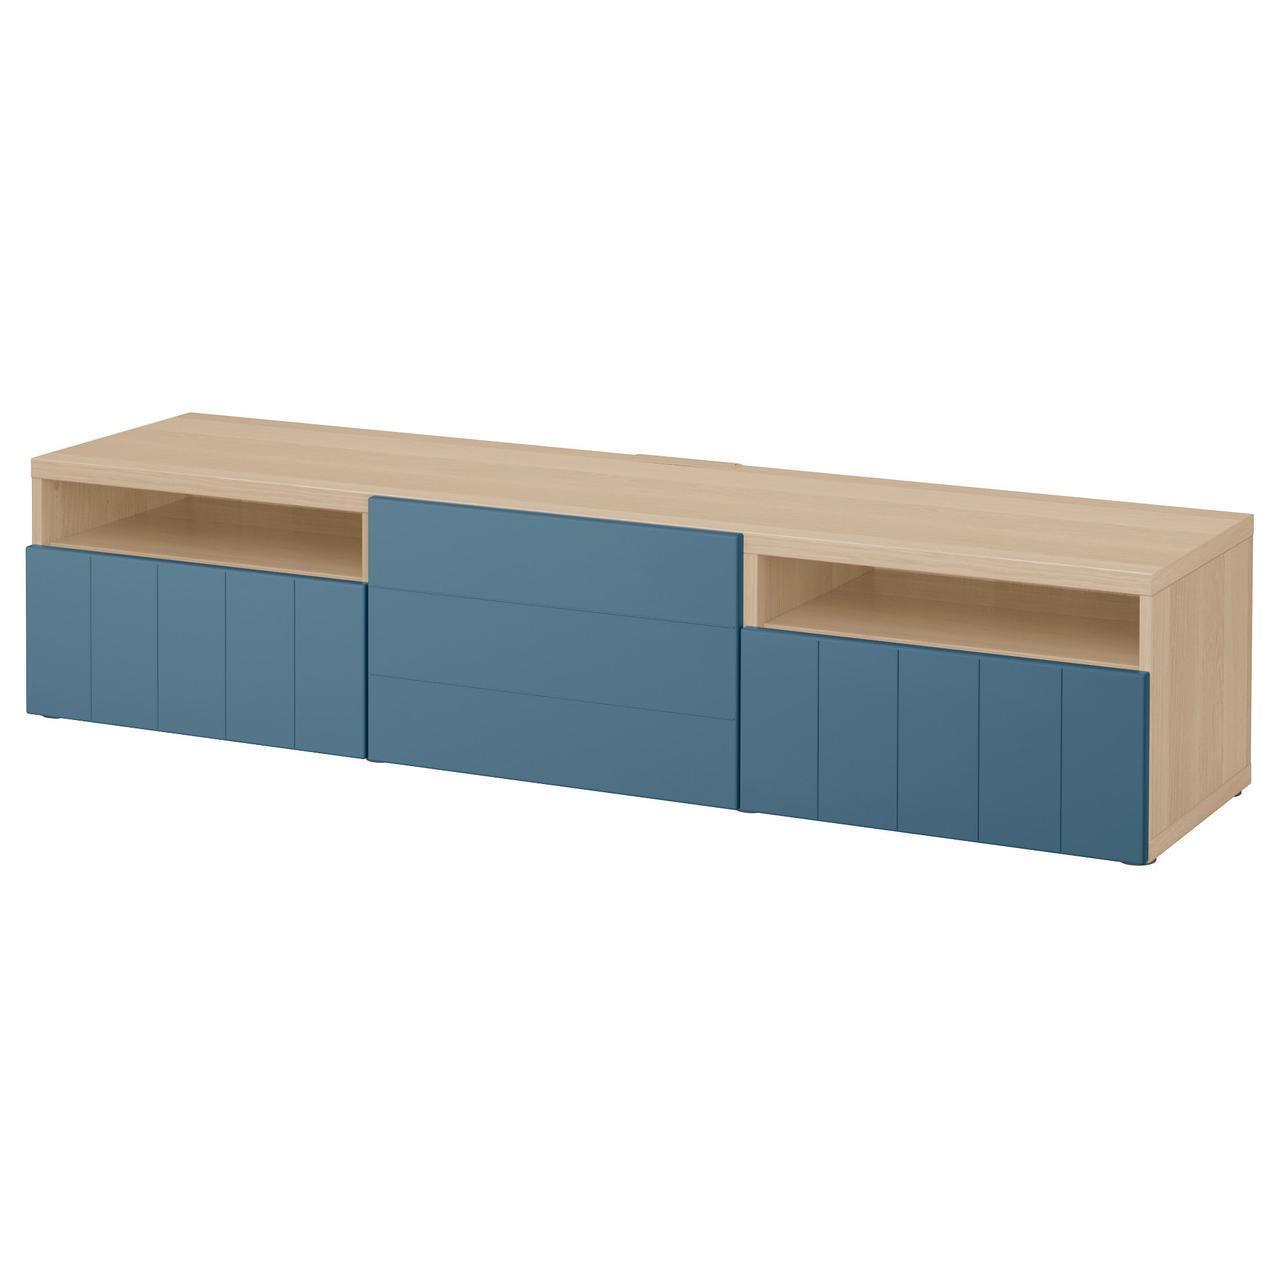 IKEA BESTA Тумба под телевизор, белый стаинедед дуб, Hallstavik синий  (992.044.04)